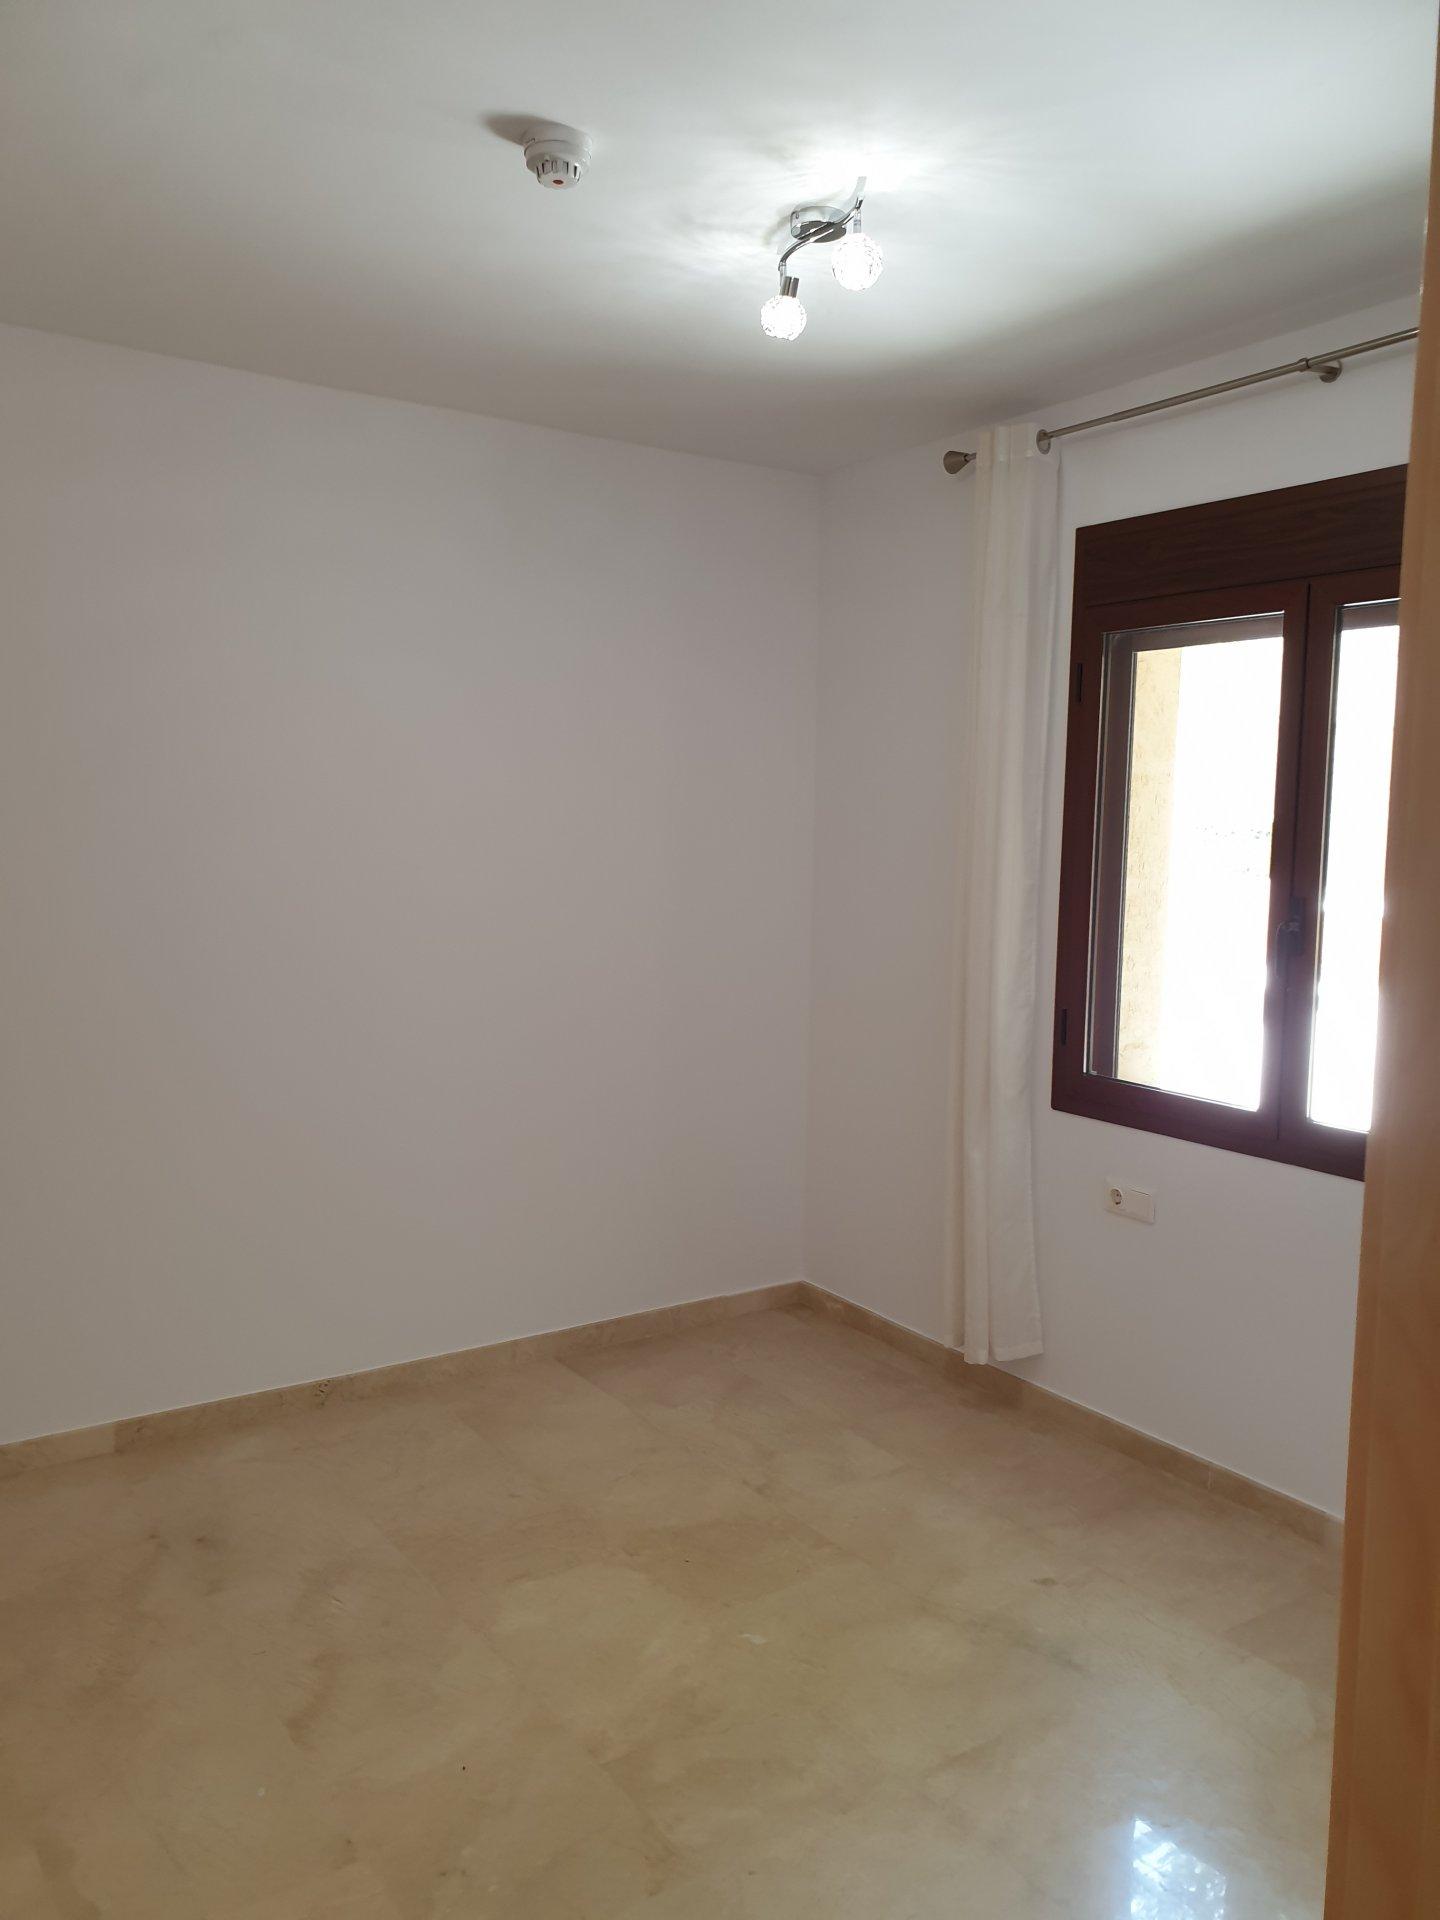 Verkoop Appartement - Benissa - Spanje